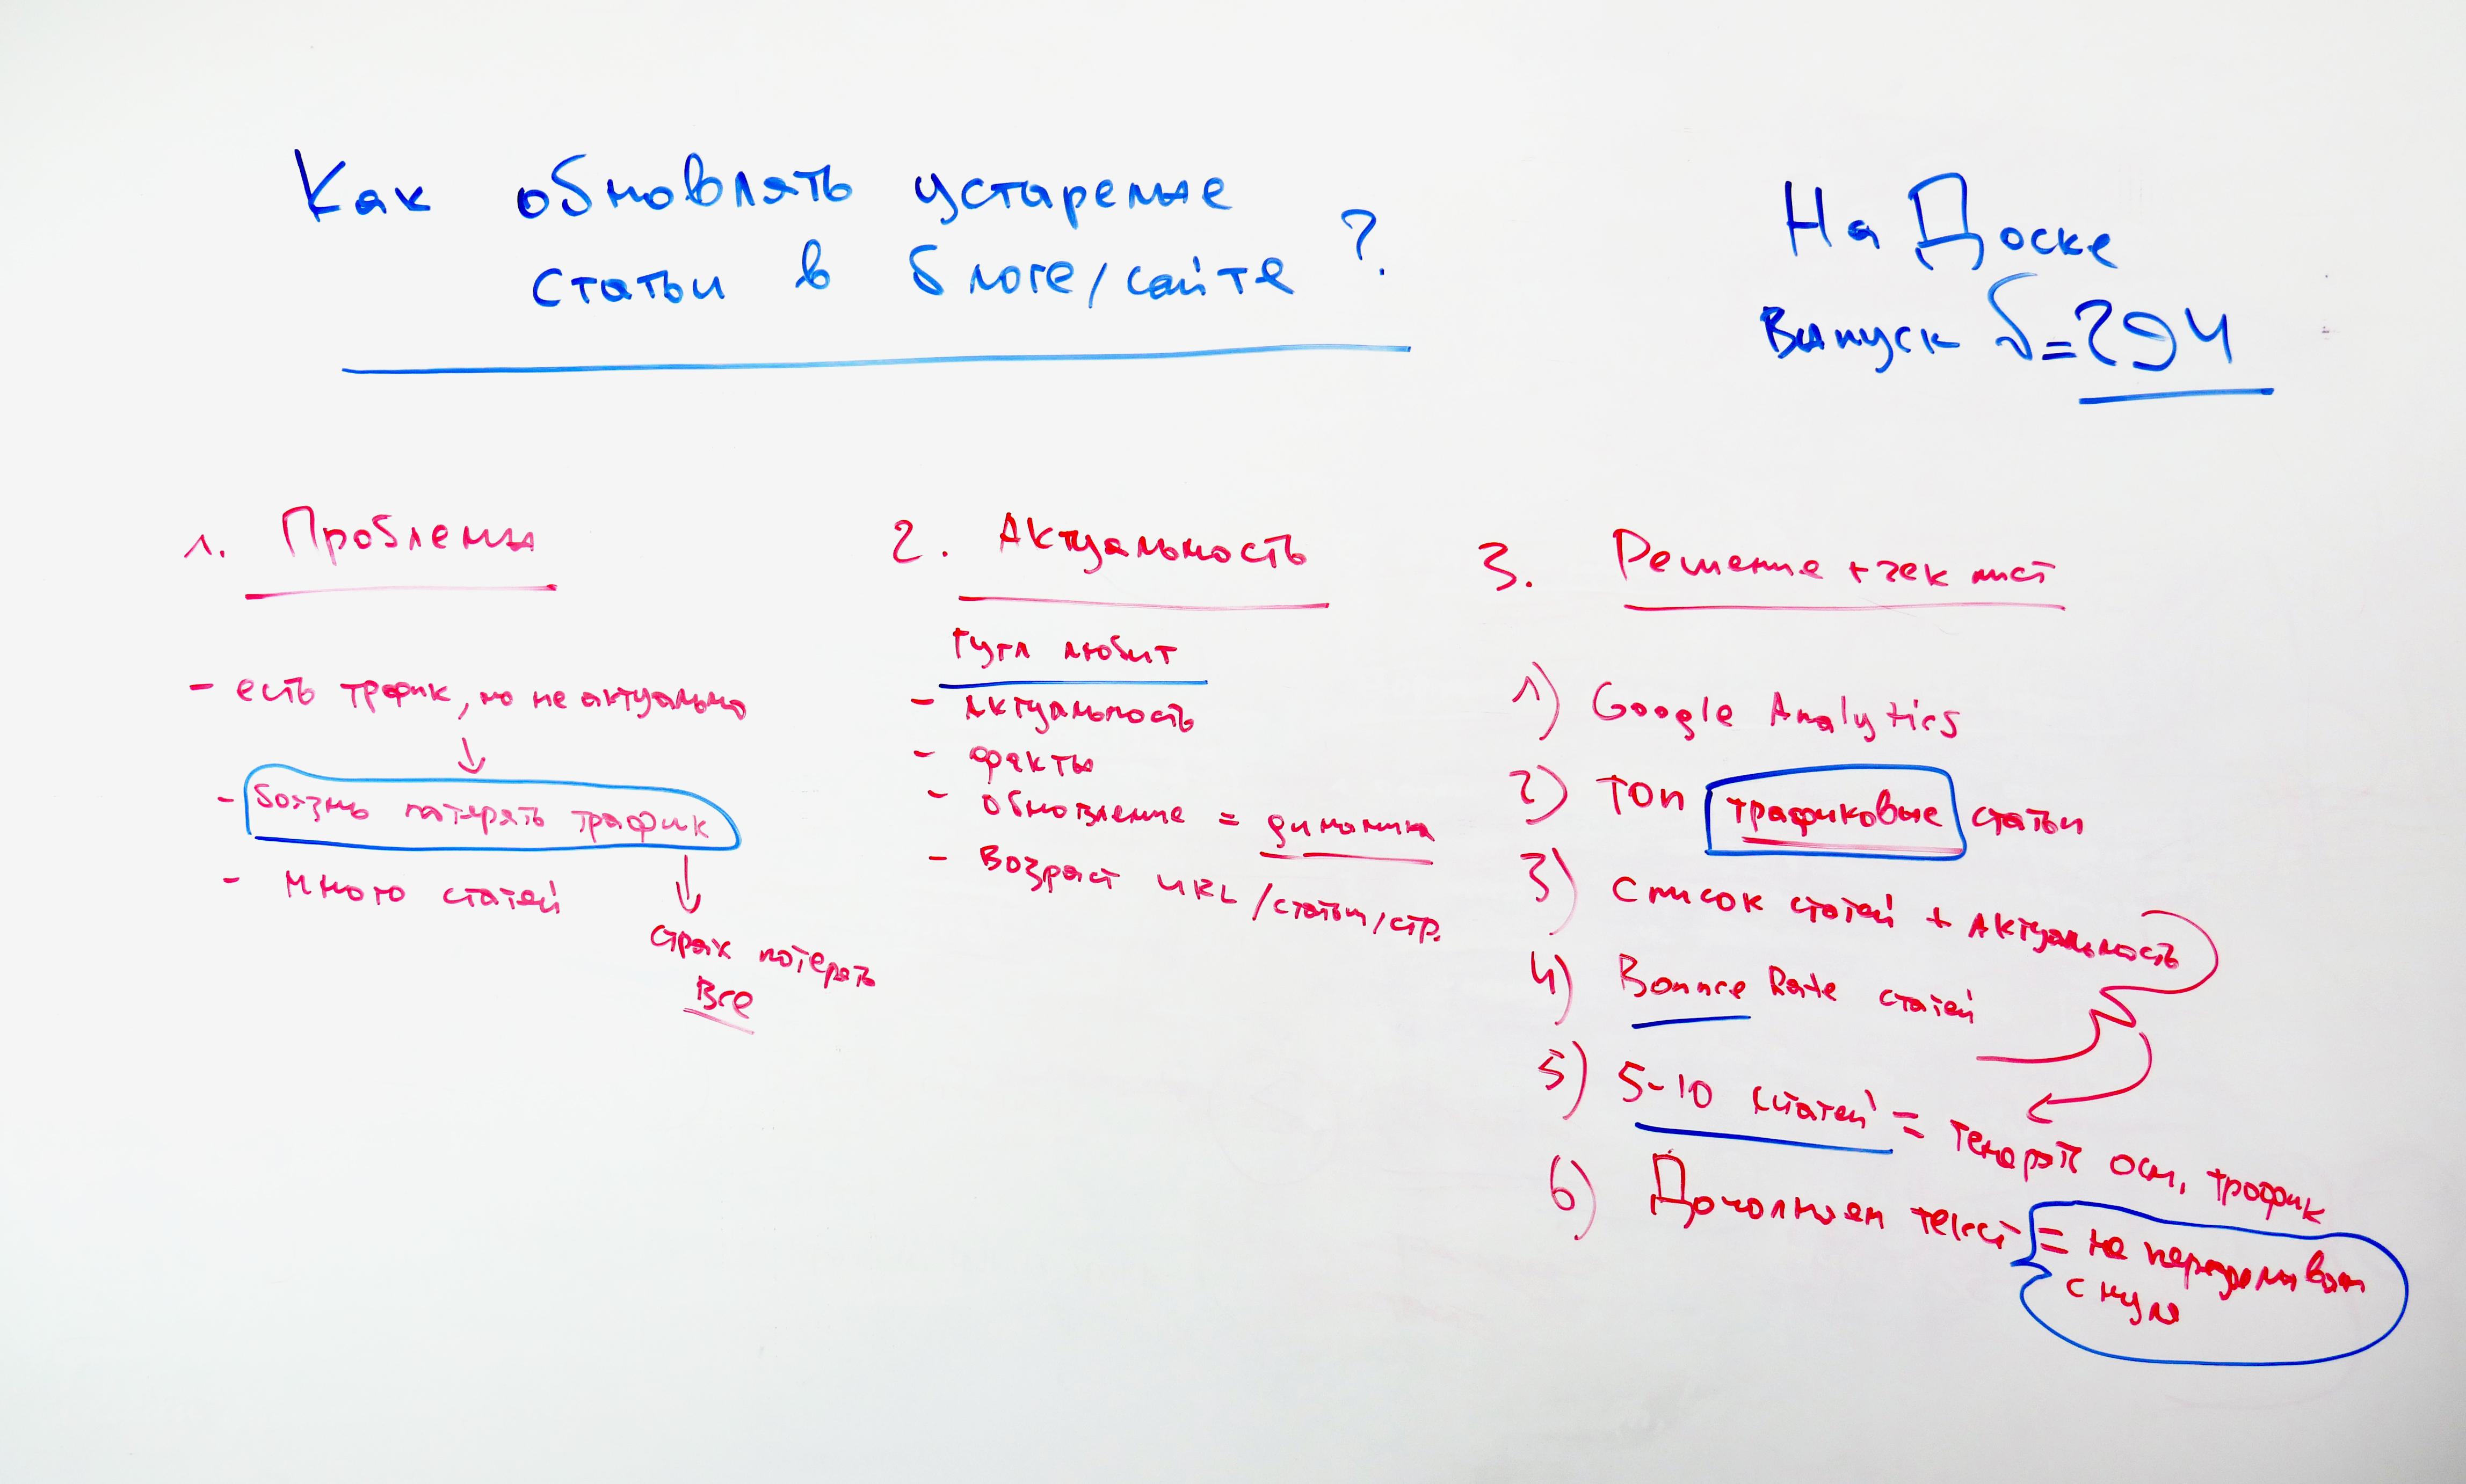 Фото с доски: Как обновлять устаревшие статьи в блоге - На Доске - выпуск № 294